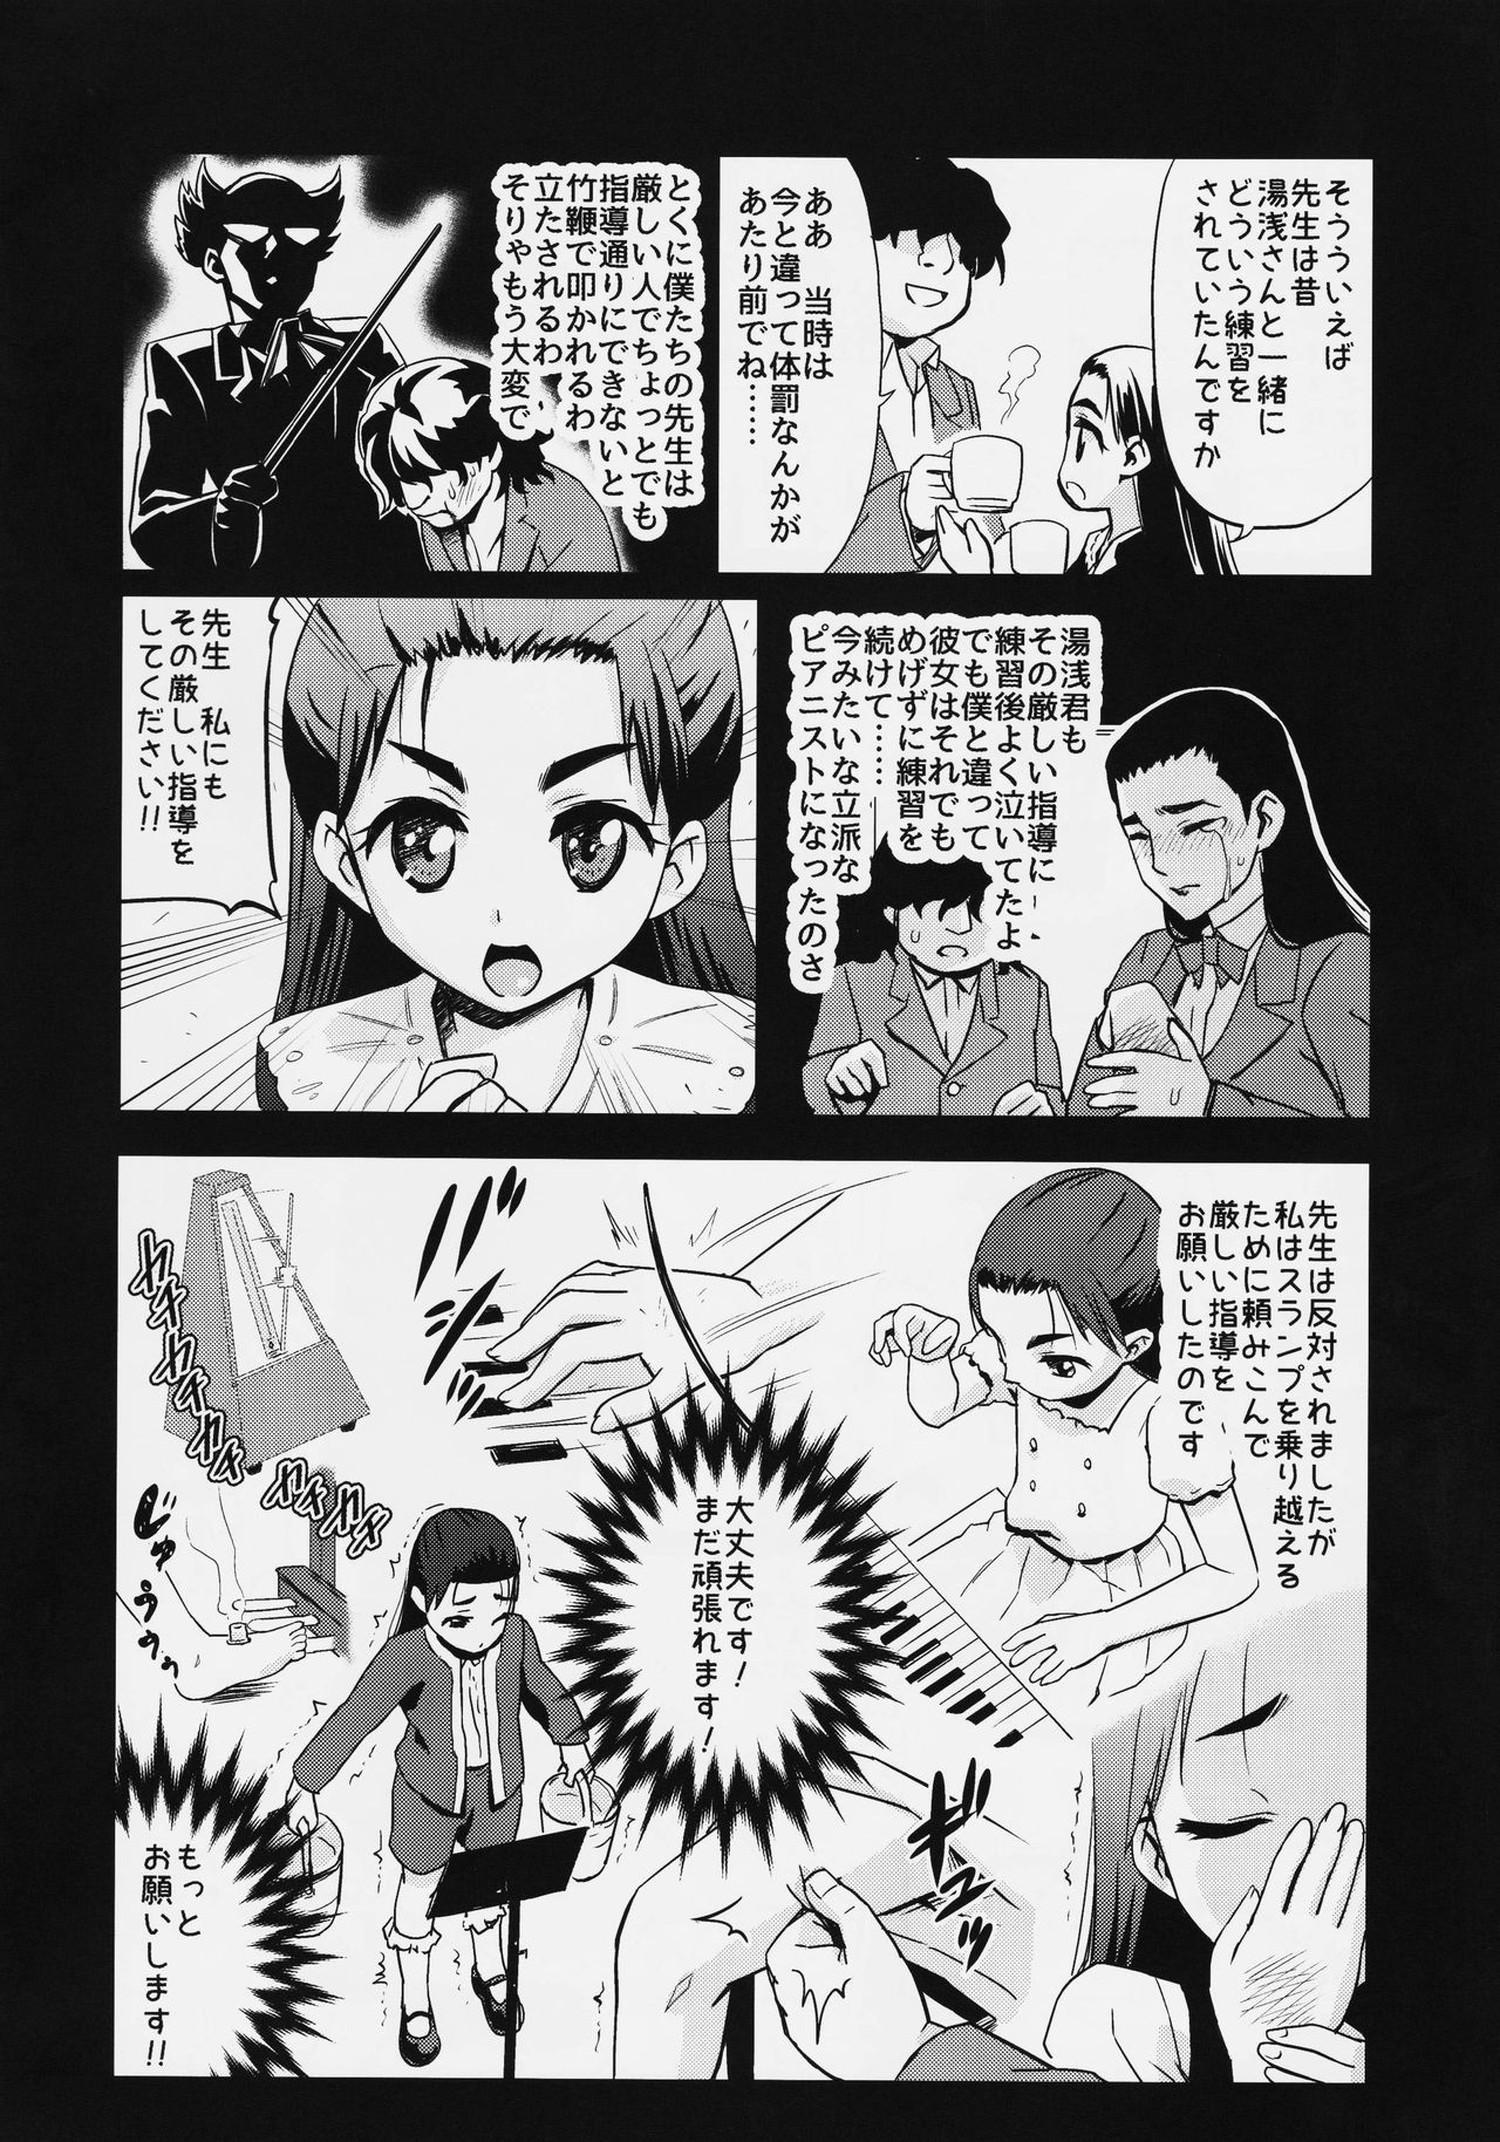 【エロ漫画・エロ同人】お尻を叩かれてエッチなことに目覚めてしまったM女JSが先生に調教されて、脱糞プレイでも感じちゃう変態に・・・ (5)